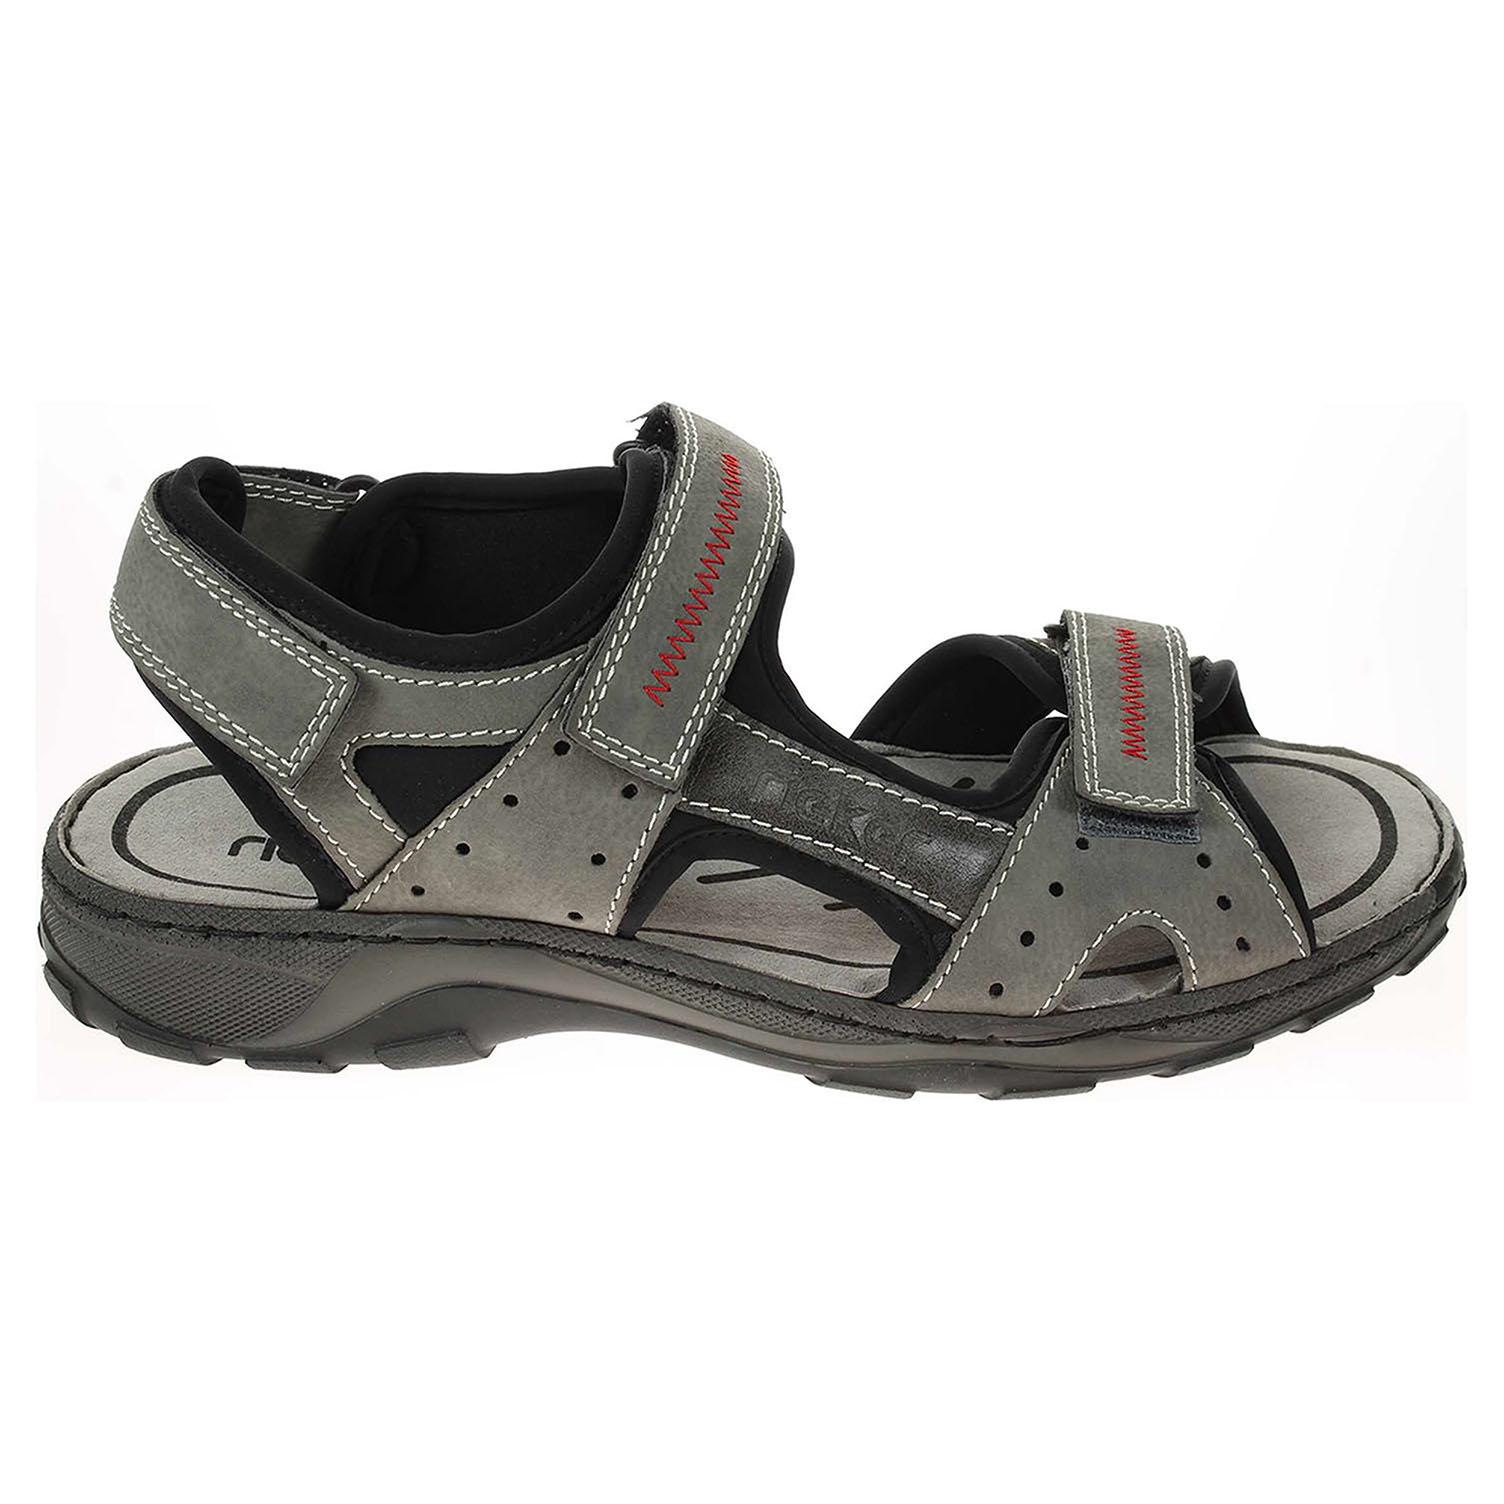 Rieker pánské sandály 26061-41 šedé 41